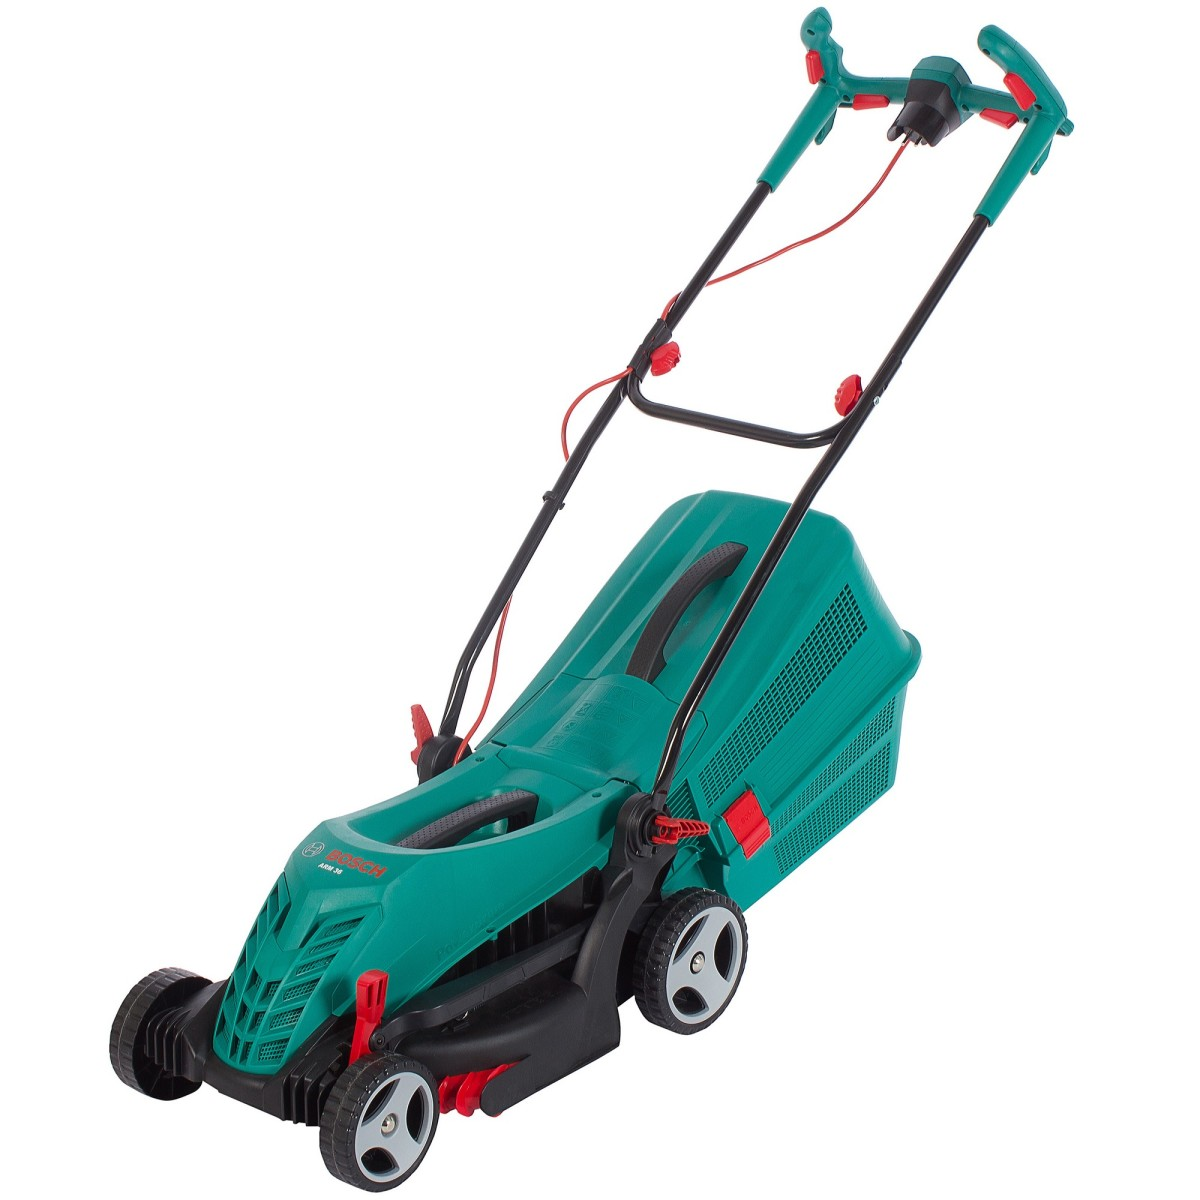 Газонокосилка электрическая Bosch ARM 3650 1400 Вт 37 см